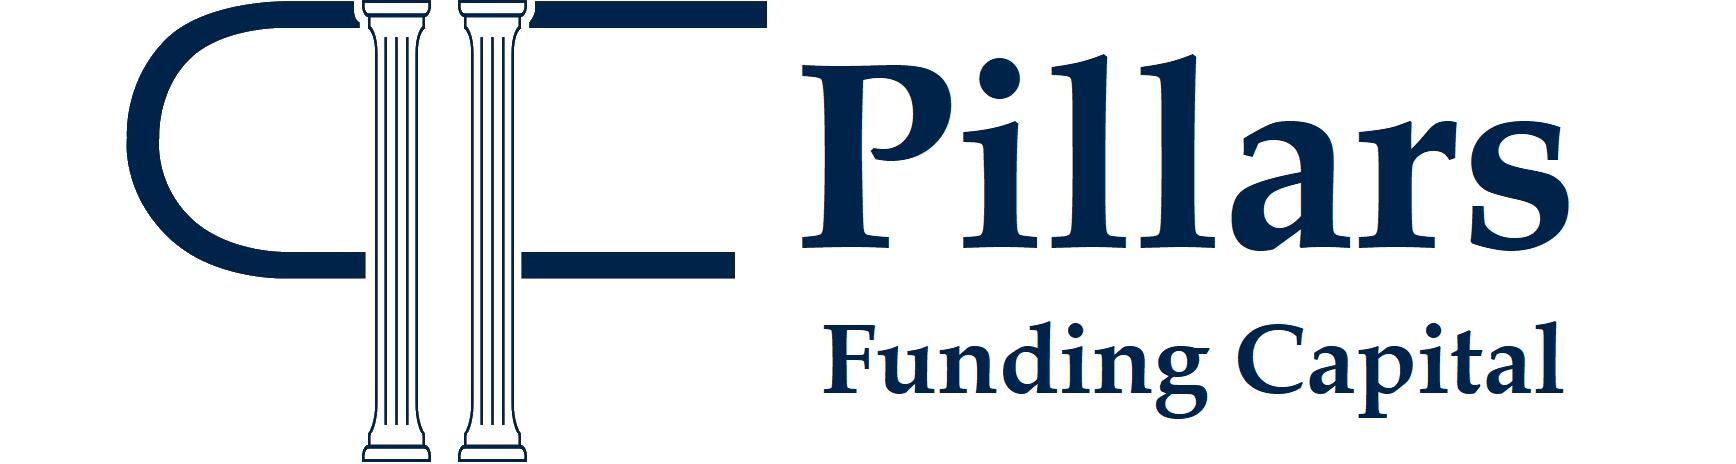 Pillars Funding Capital